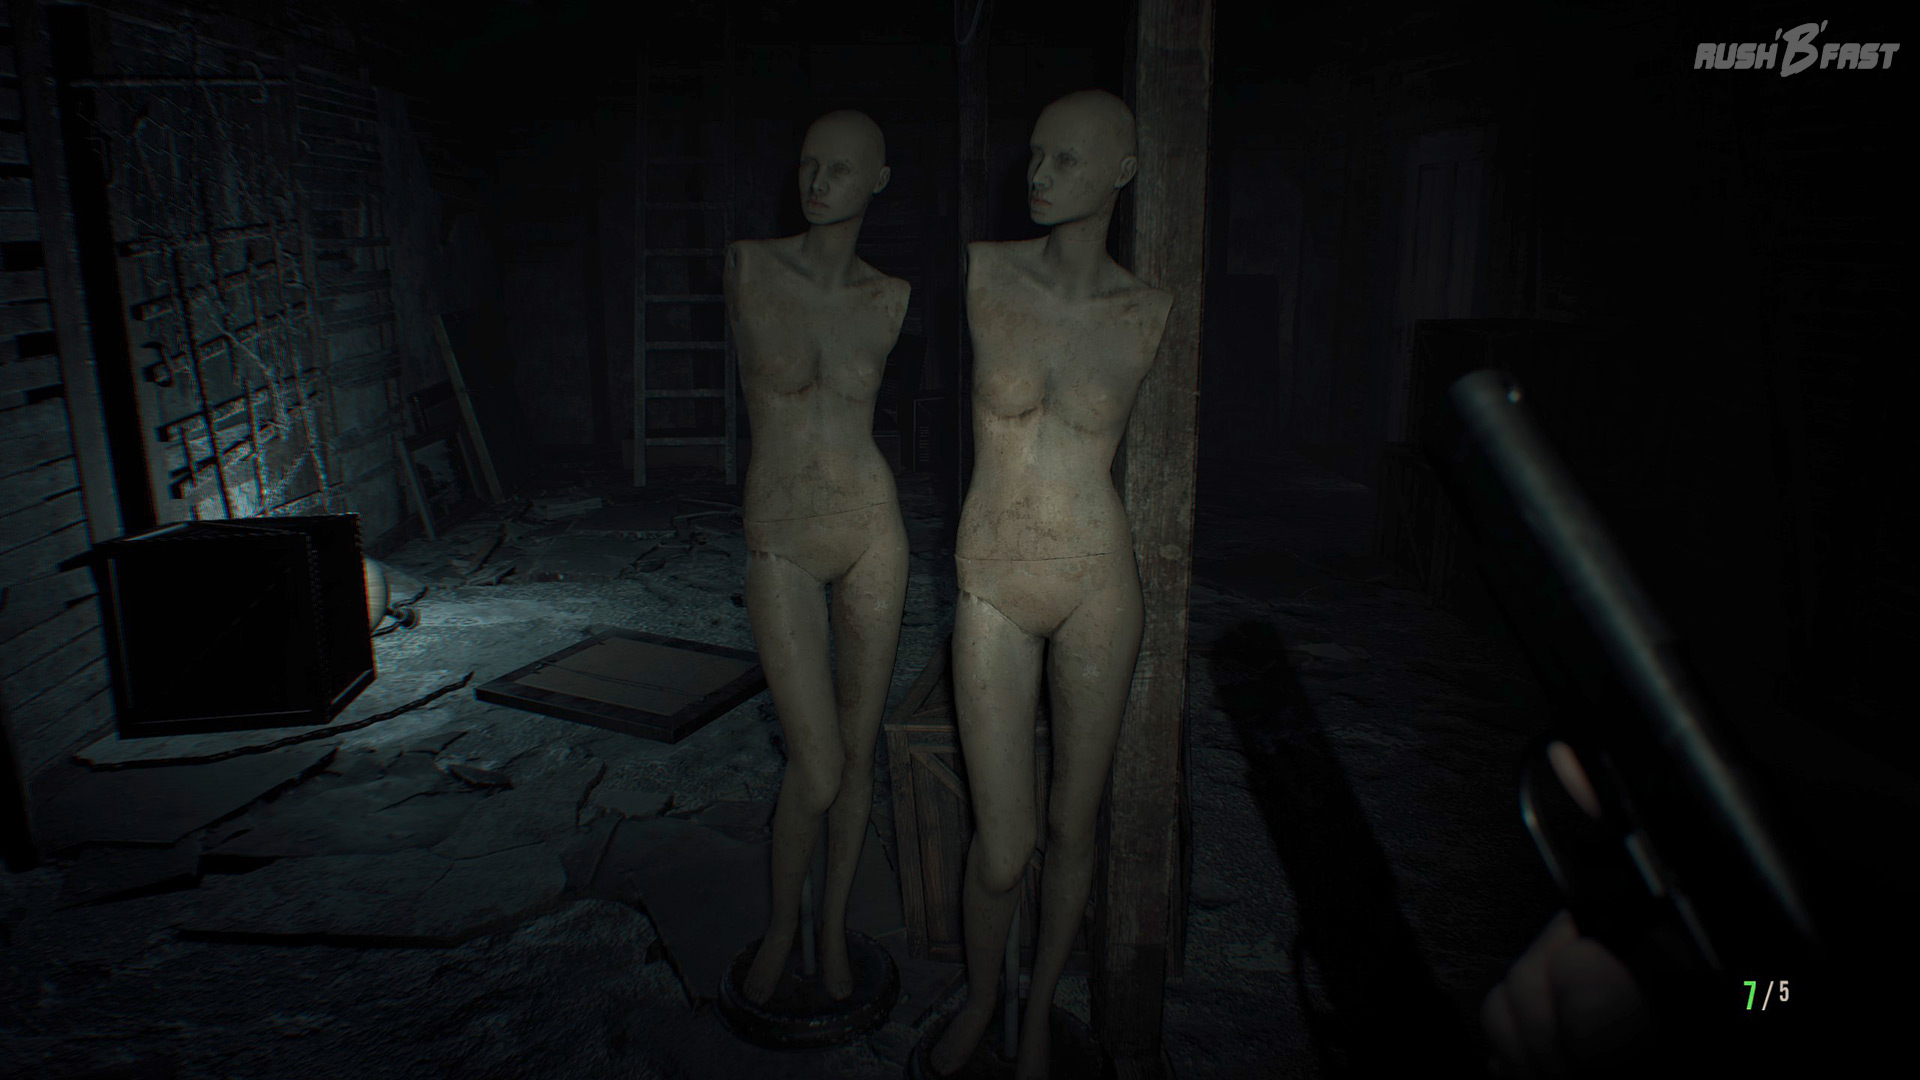 Resident Evil 7 - Auf dem Dachboden stehen zwei Schaufensterpuppen, wie die auf dem Schreibtisch in Resident Evil 2 (Remake).